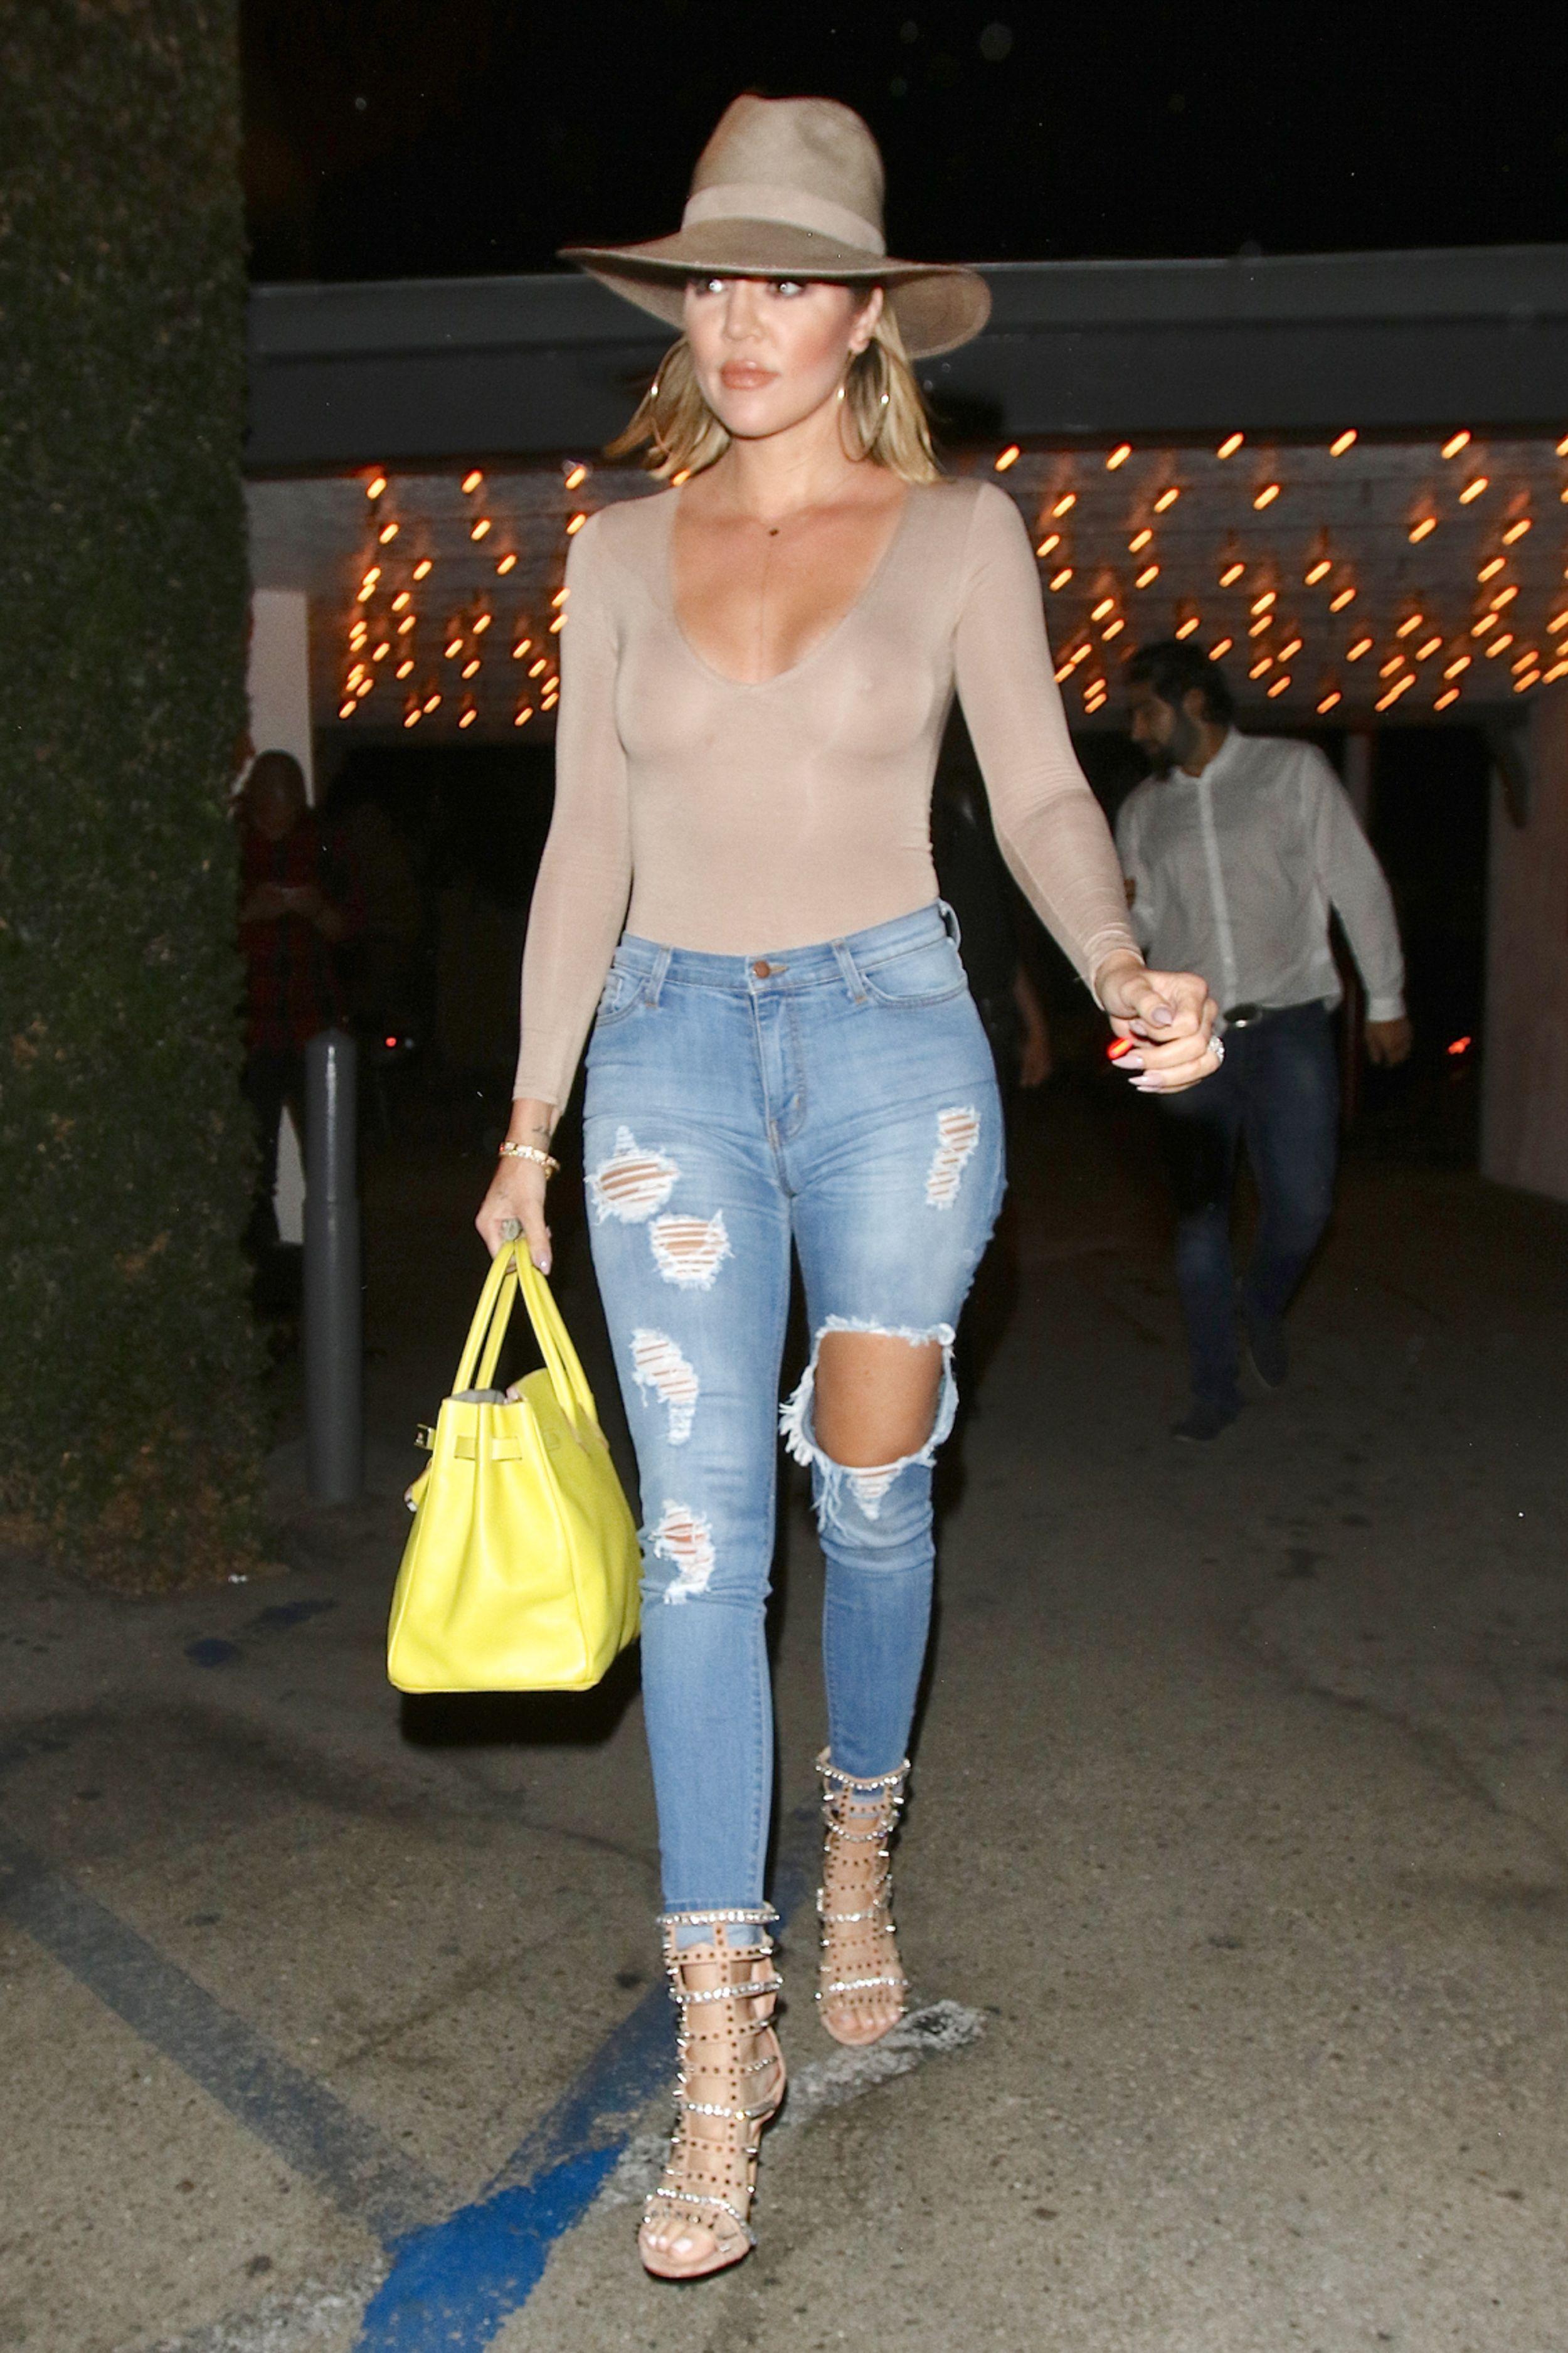 Khloe-Kardashian-Braless-5-1